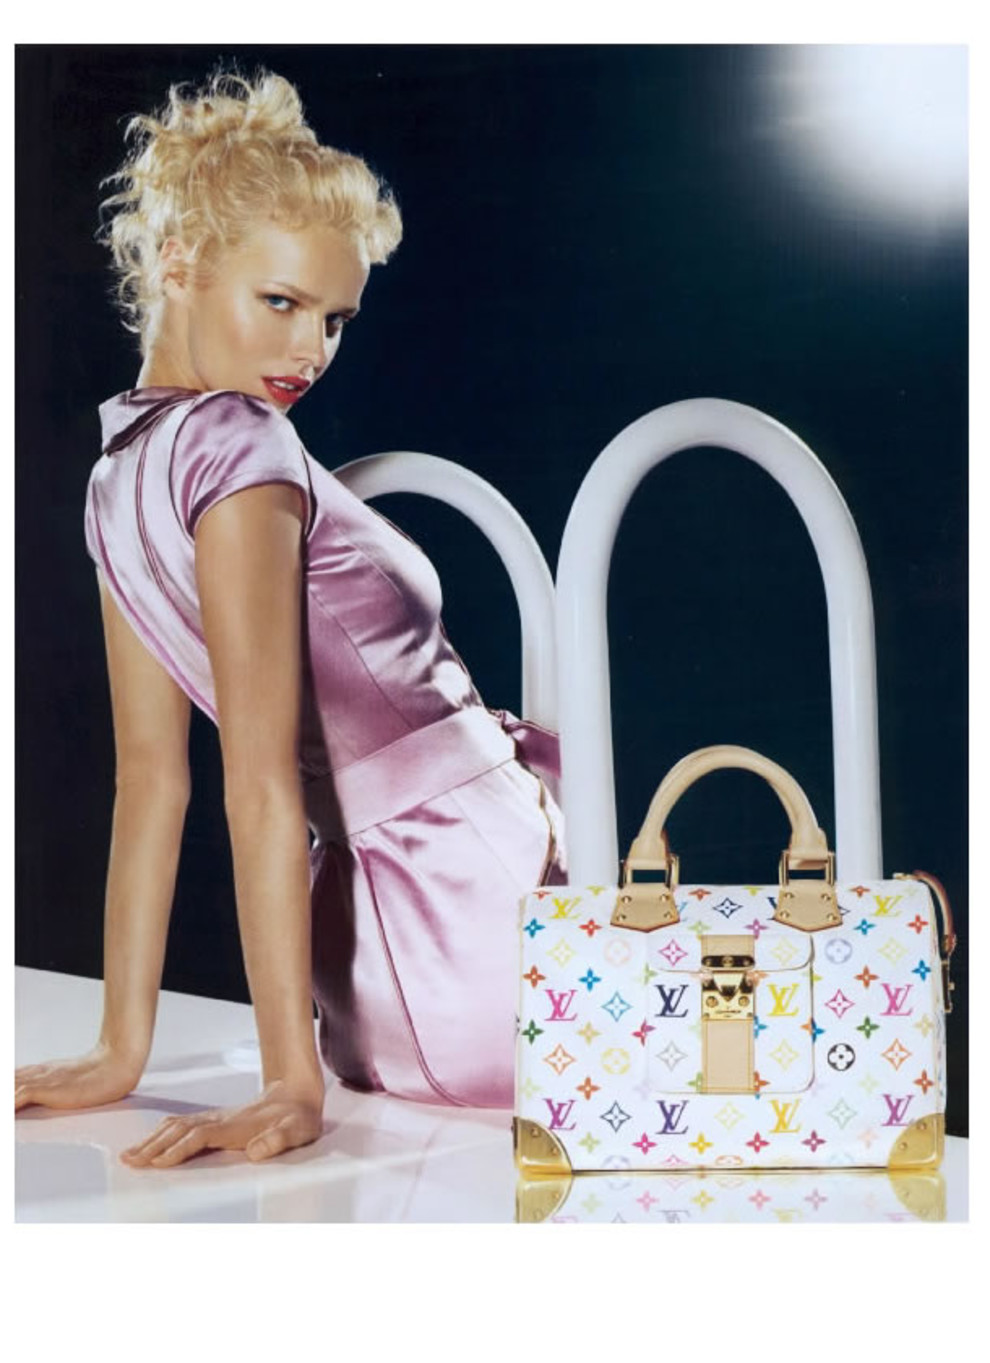 dbdda6b9a68a ... Стивену Спраусу создать граффити-версию монограммы Vuitton. В итоги эти  сумки стали сенсацией в мире поп-культуры. Для своей последней коллекции  Louis ...